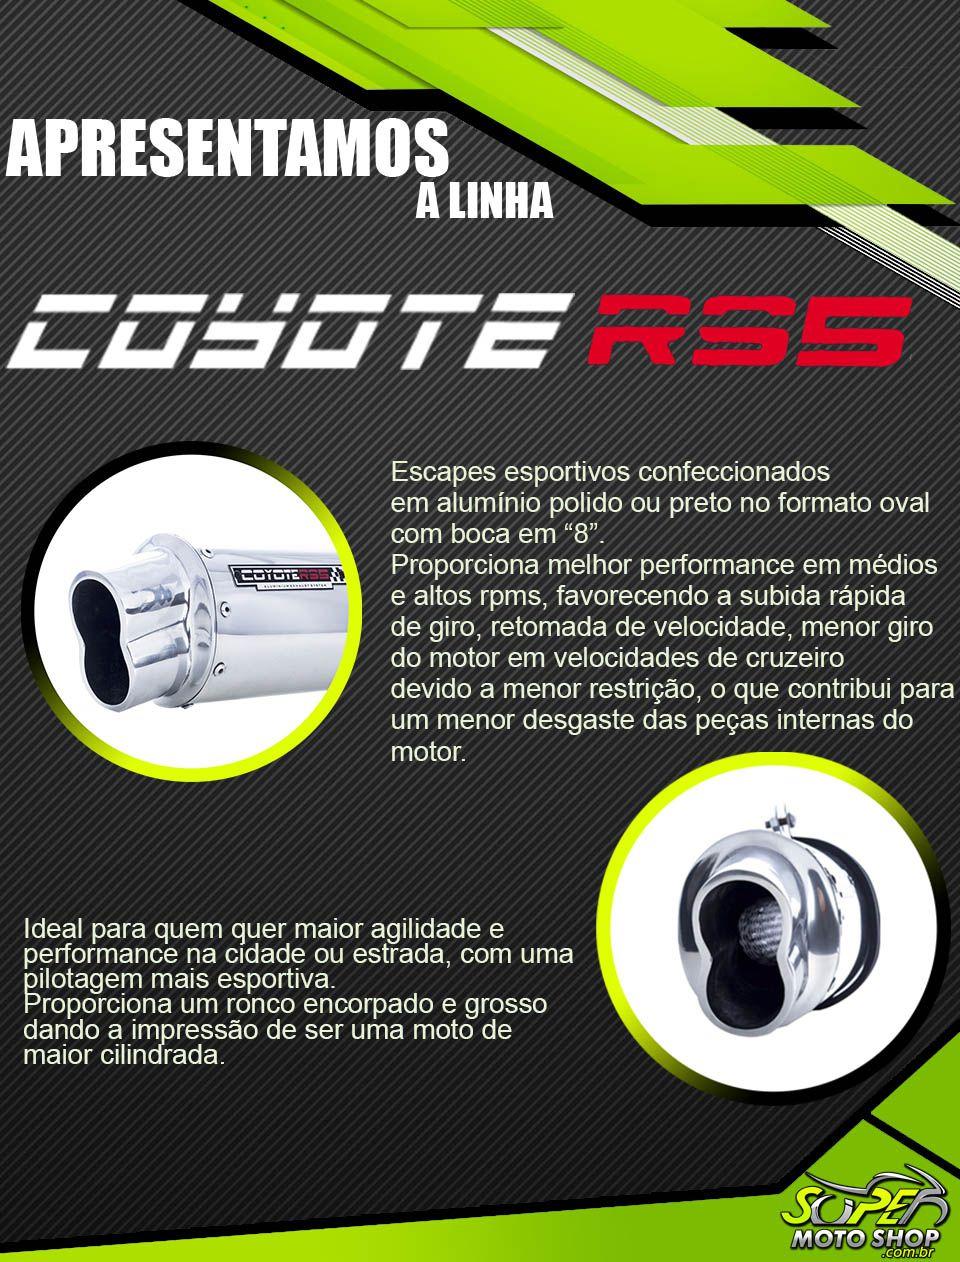 Escape / Ponteira Coyote RS5 Boca 8 Aluminio Oval - CG 150 Titan KS/ES até 2008 - Honda